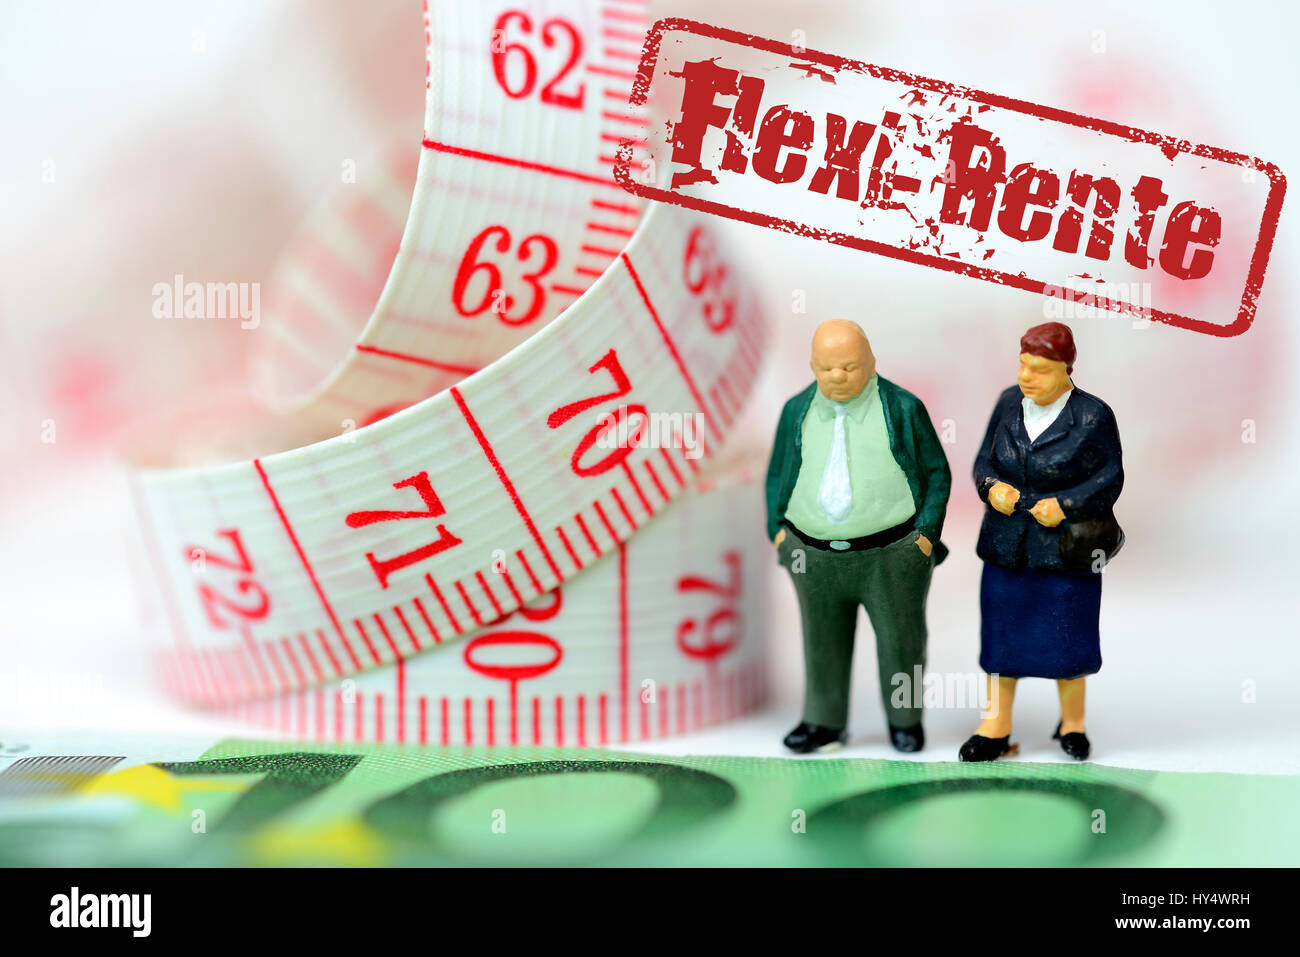 Los jubilados y la dimensión simbólica cinta foto Flexi pensión, und Senioren Ma?banda, Symbolfoto Flexi-Rente Foto de stock